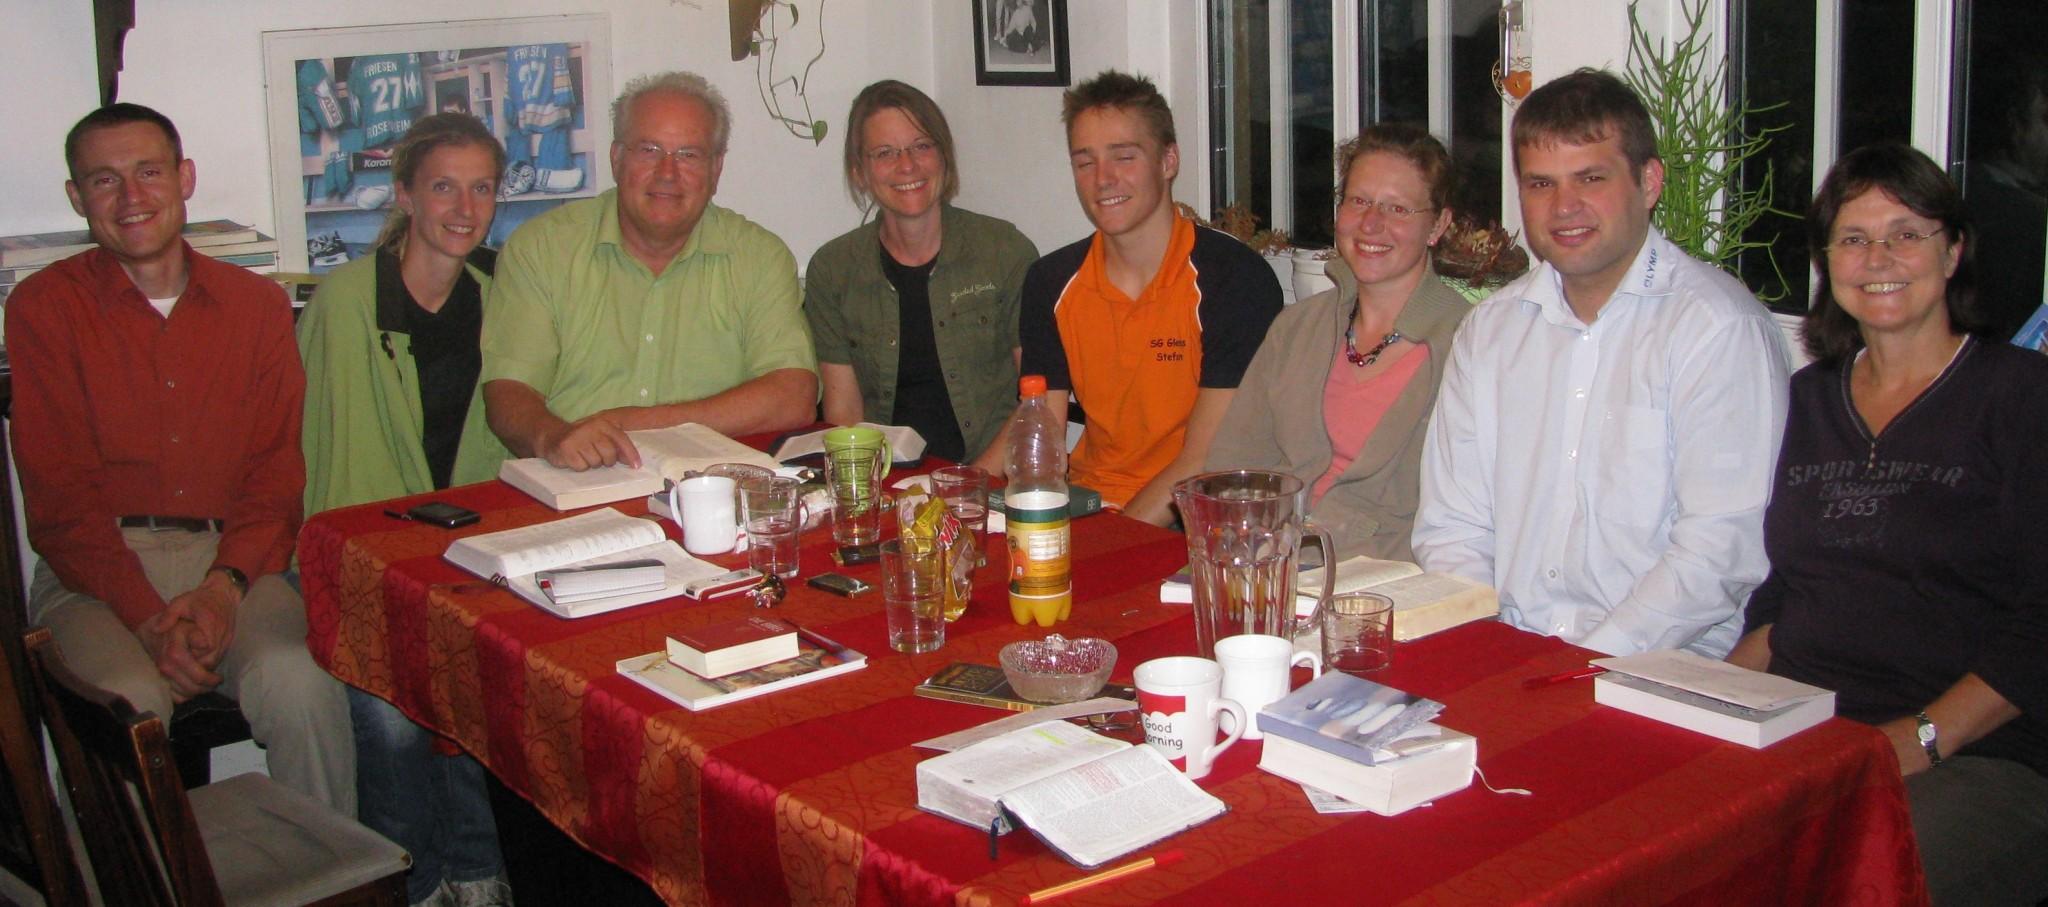 hauskreis-leonberg-sportlerbibelkreis-gemeinde-am-glemseck-hauskreise